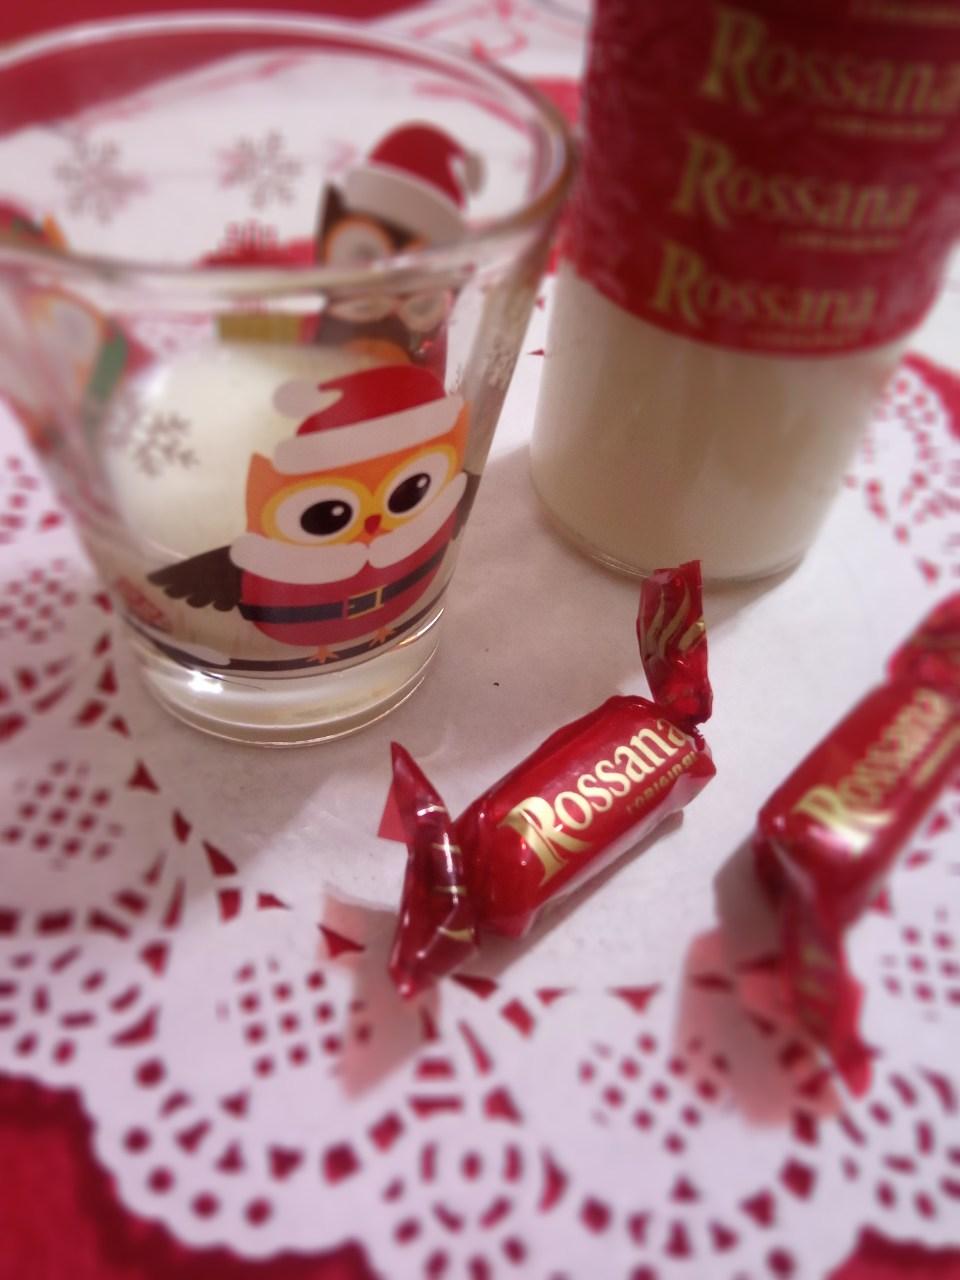 Liquore con caramelle Rossana